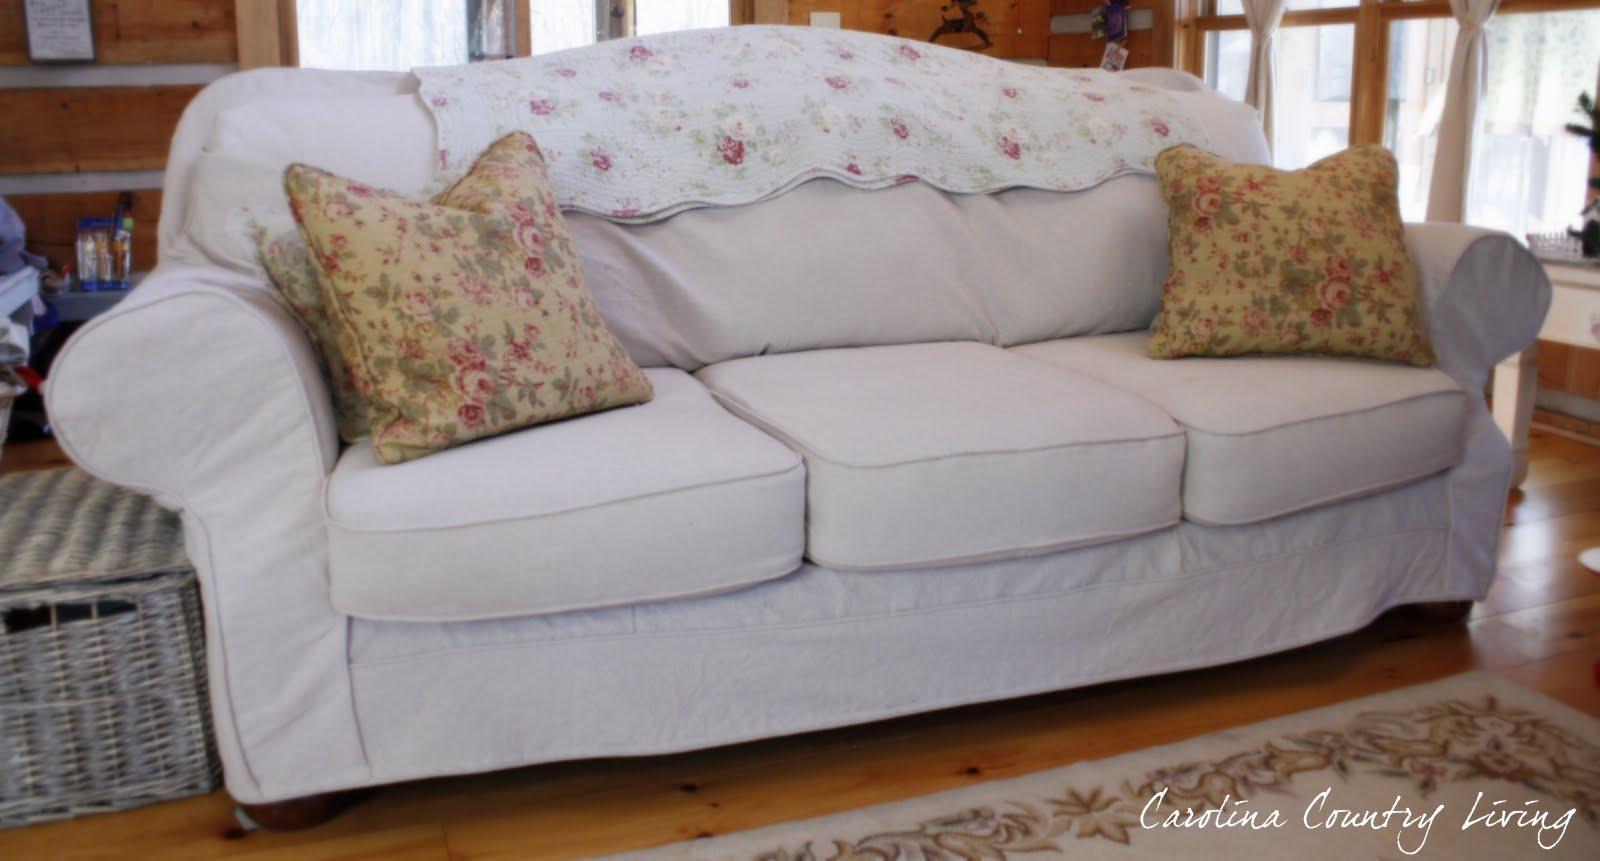 Carolina Country Living: Drop Cloth Sofa Slipcover Inside Camelback Slipcovers (View 16 of 20)